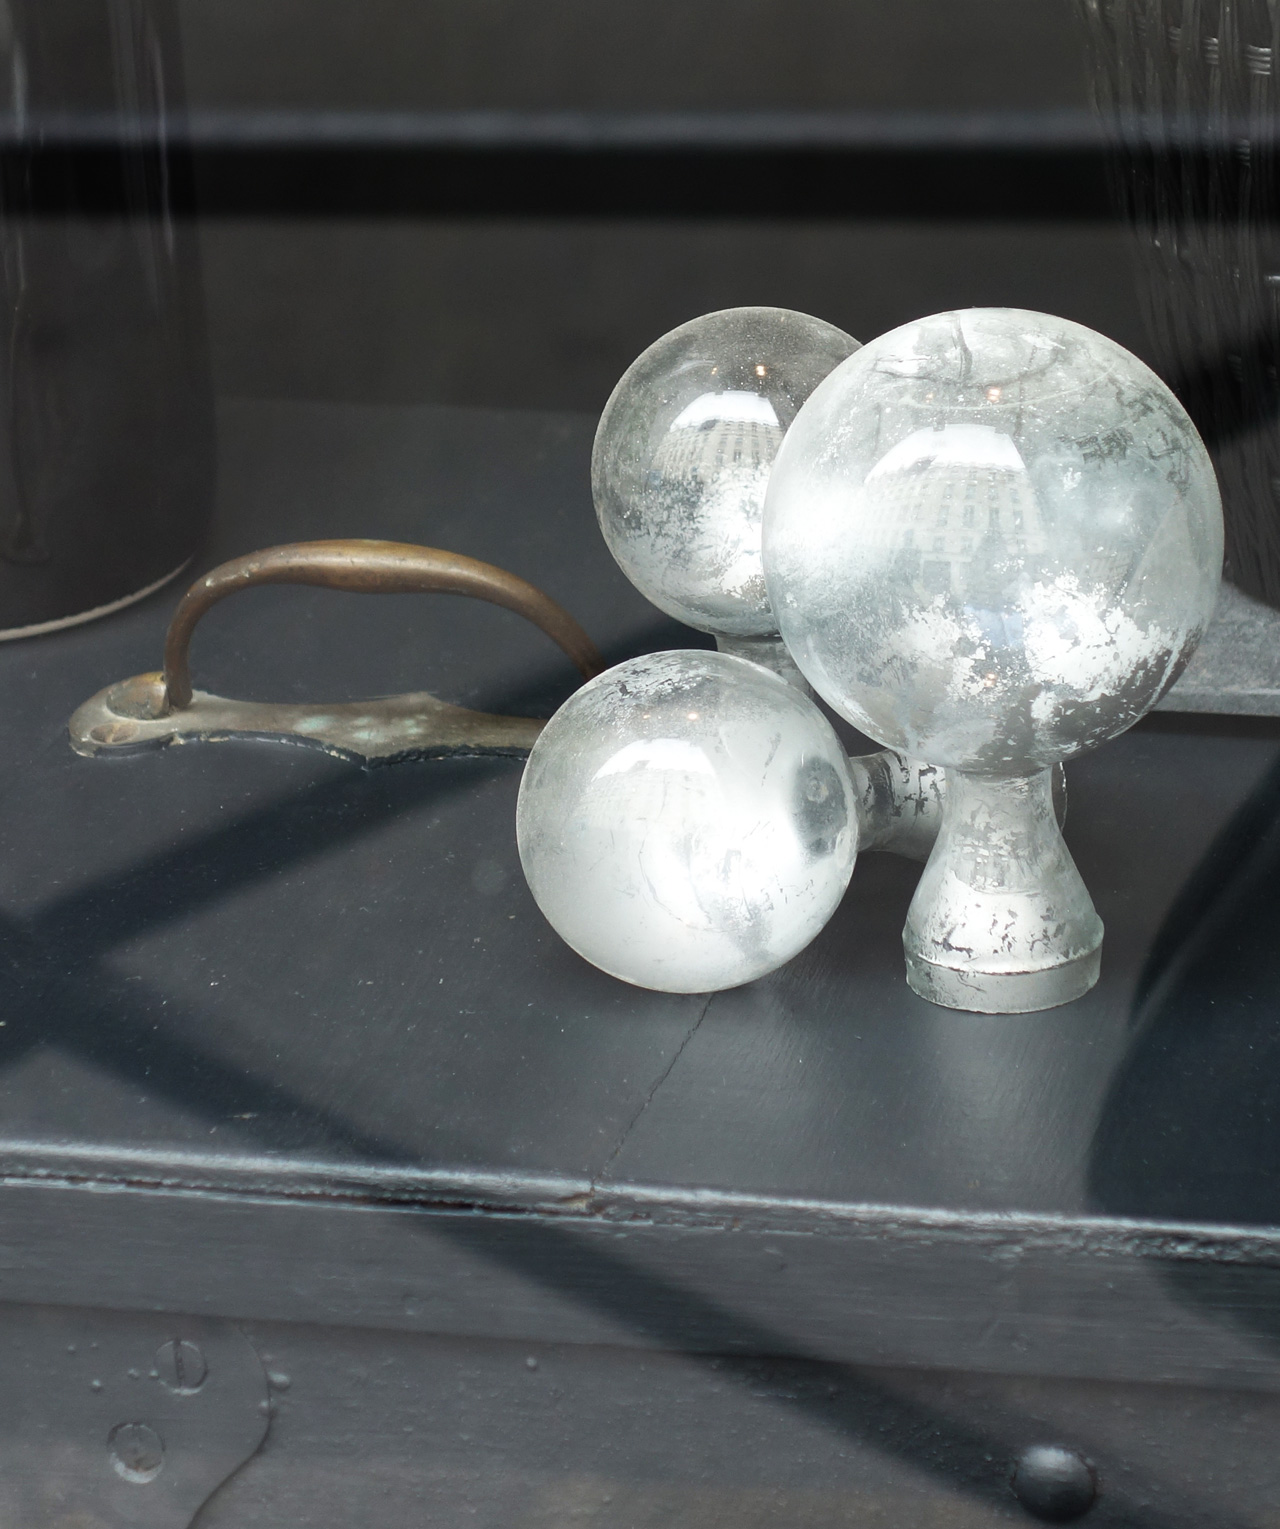 David-Gaillard-Les-Curieuses-boutique-vitrine-detail